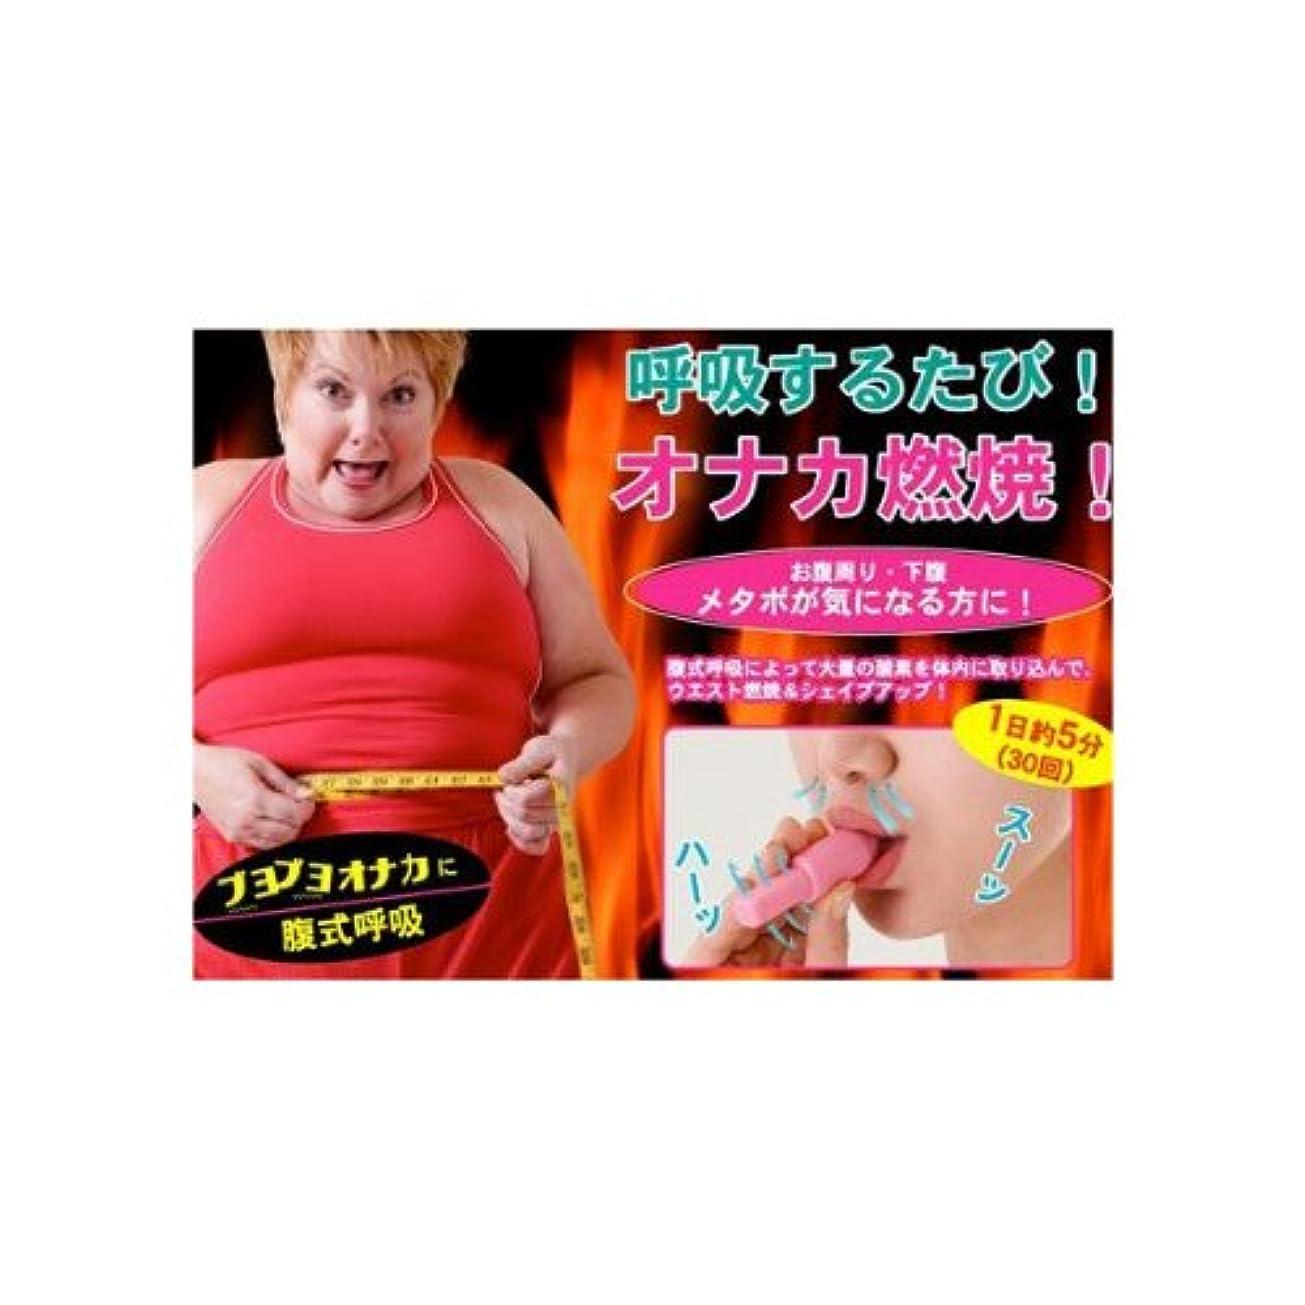 損傷落ち着かない慈悲腹式呼吸によってウエスト&エクササイズ!腹式呼吸ダイエット『カロリーブレス』